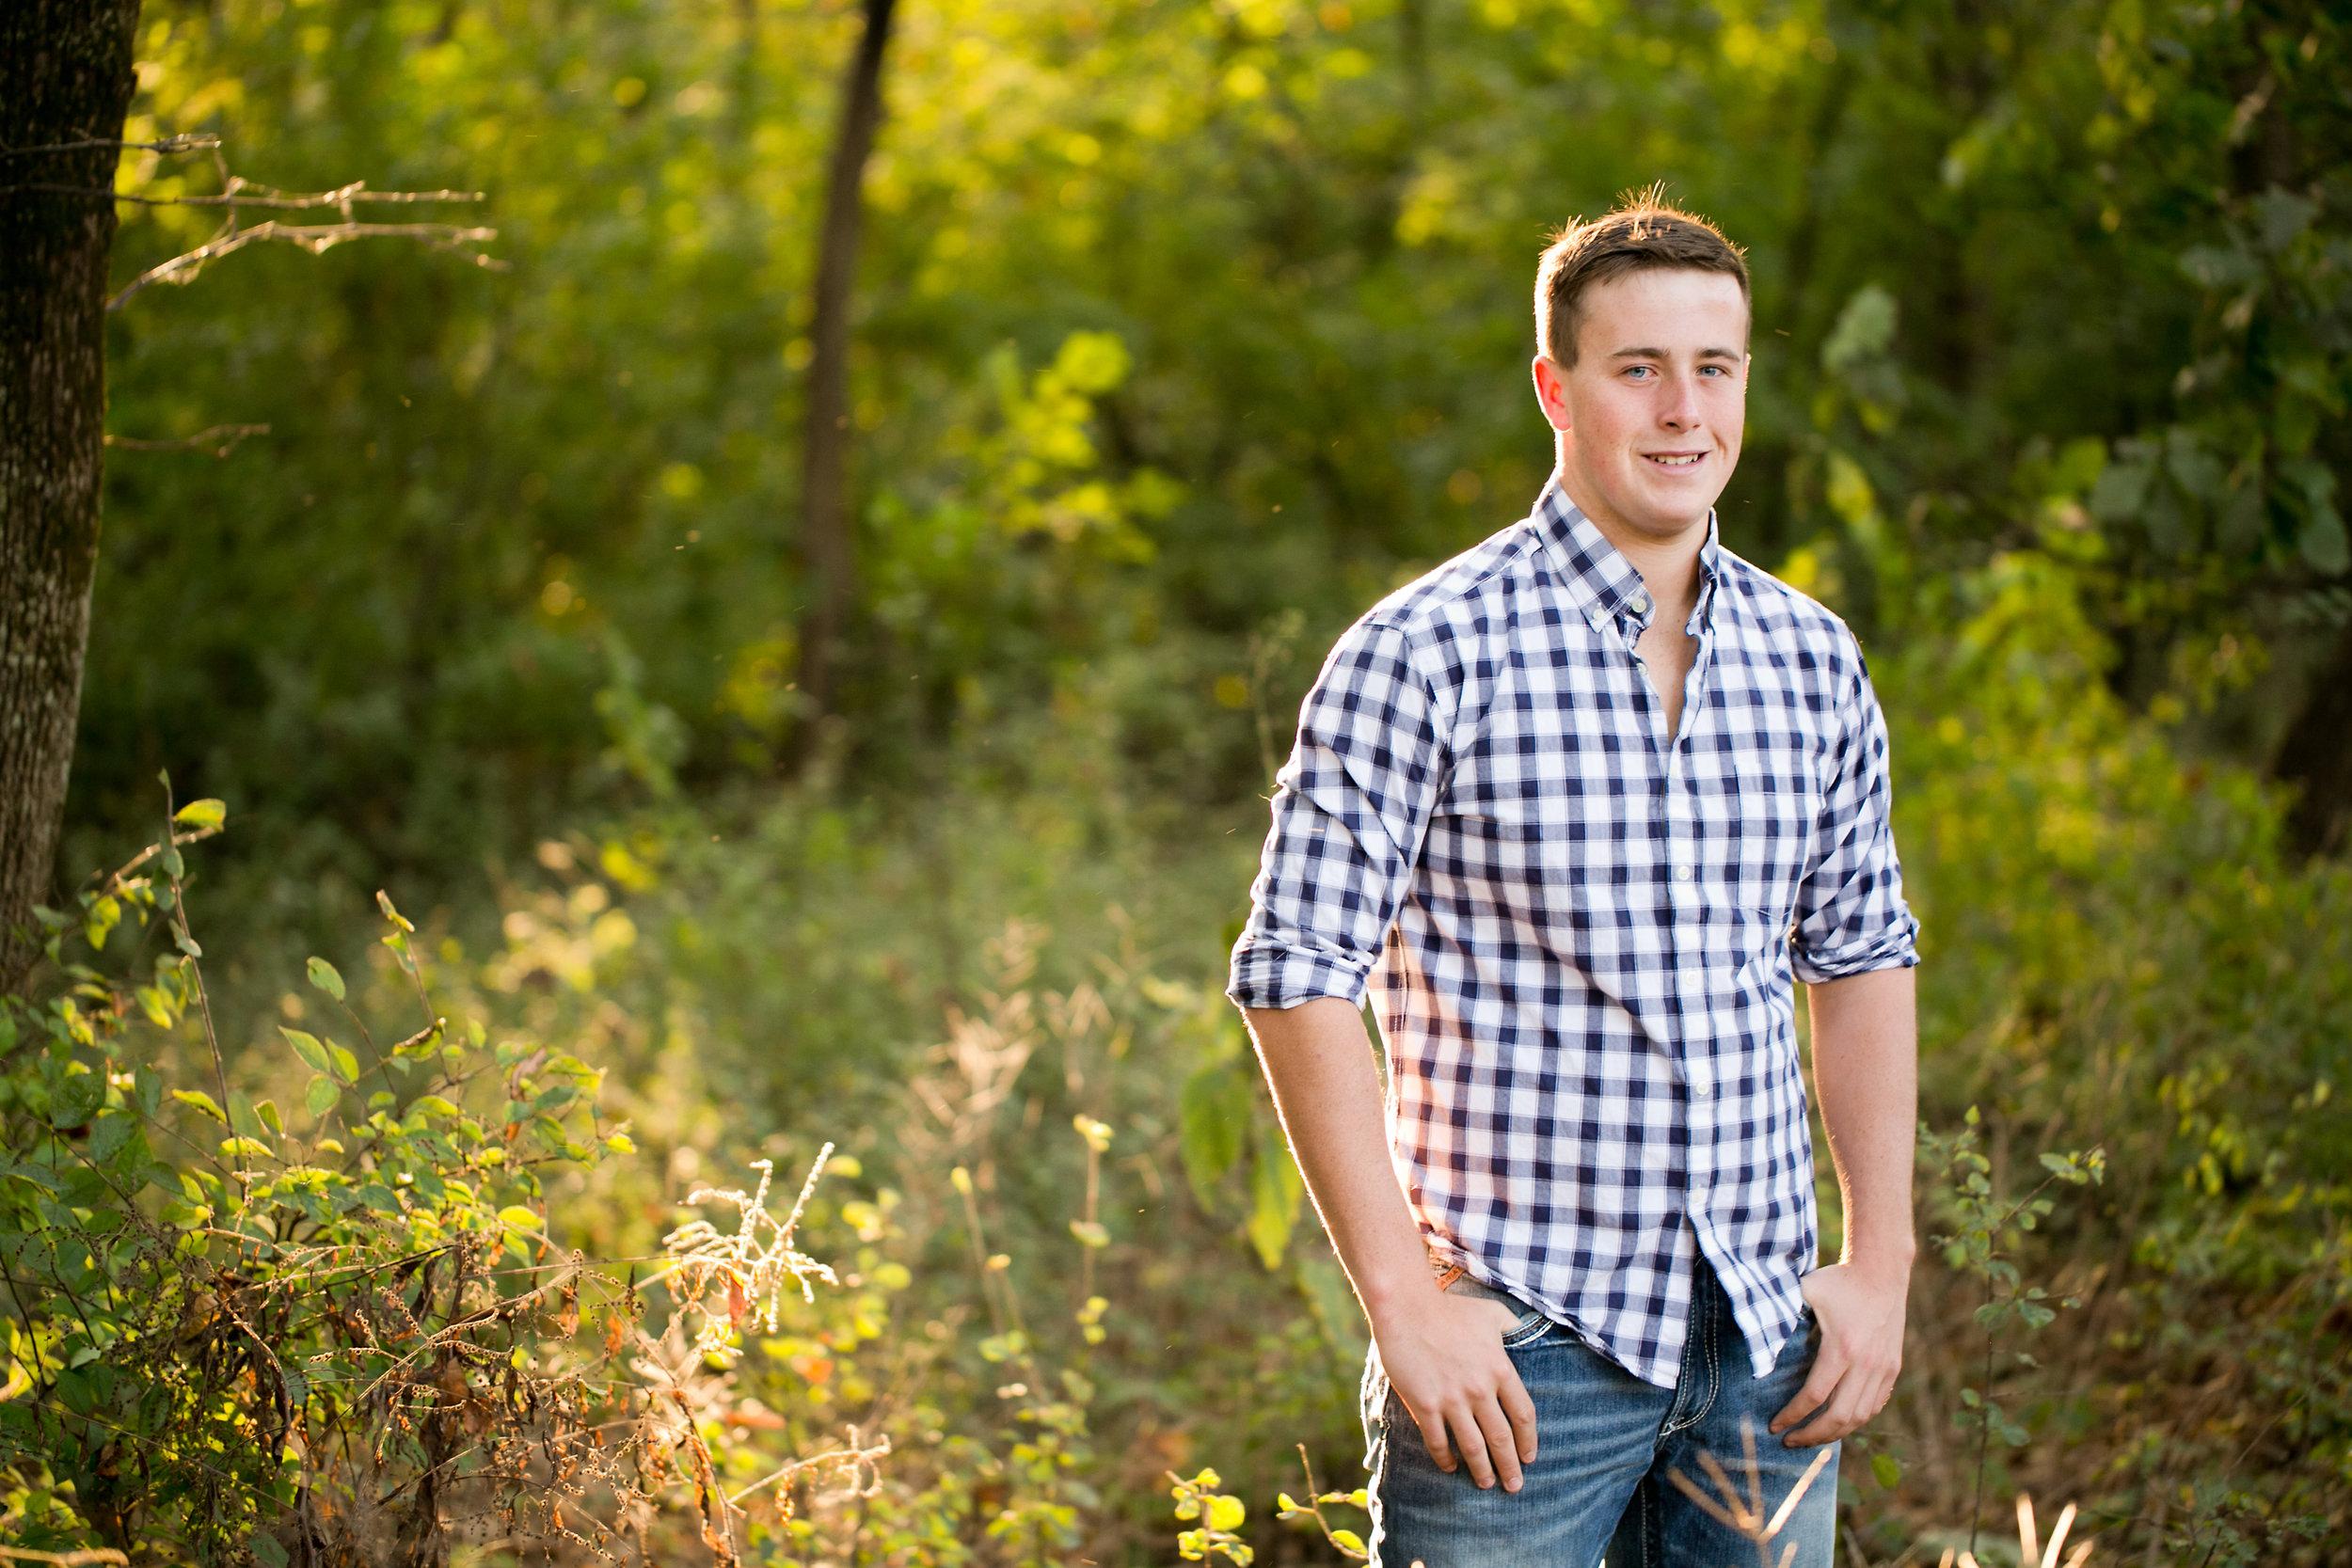 Senior photos in Ames Iowa